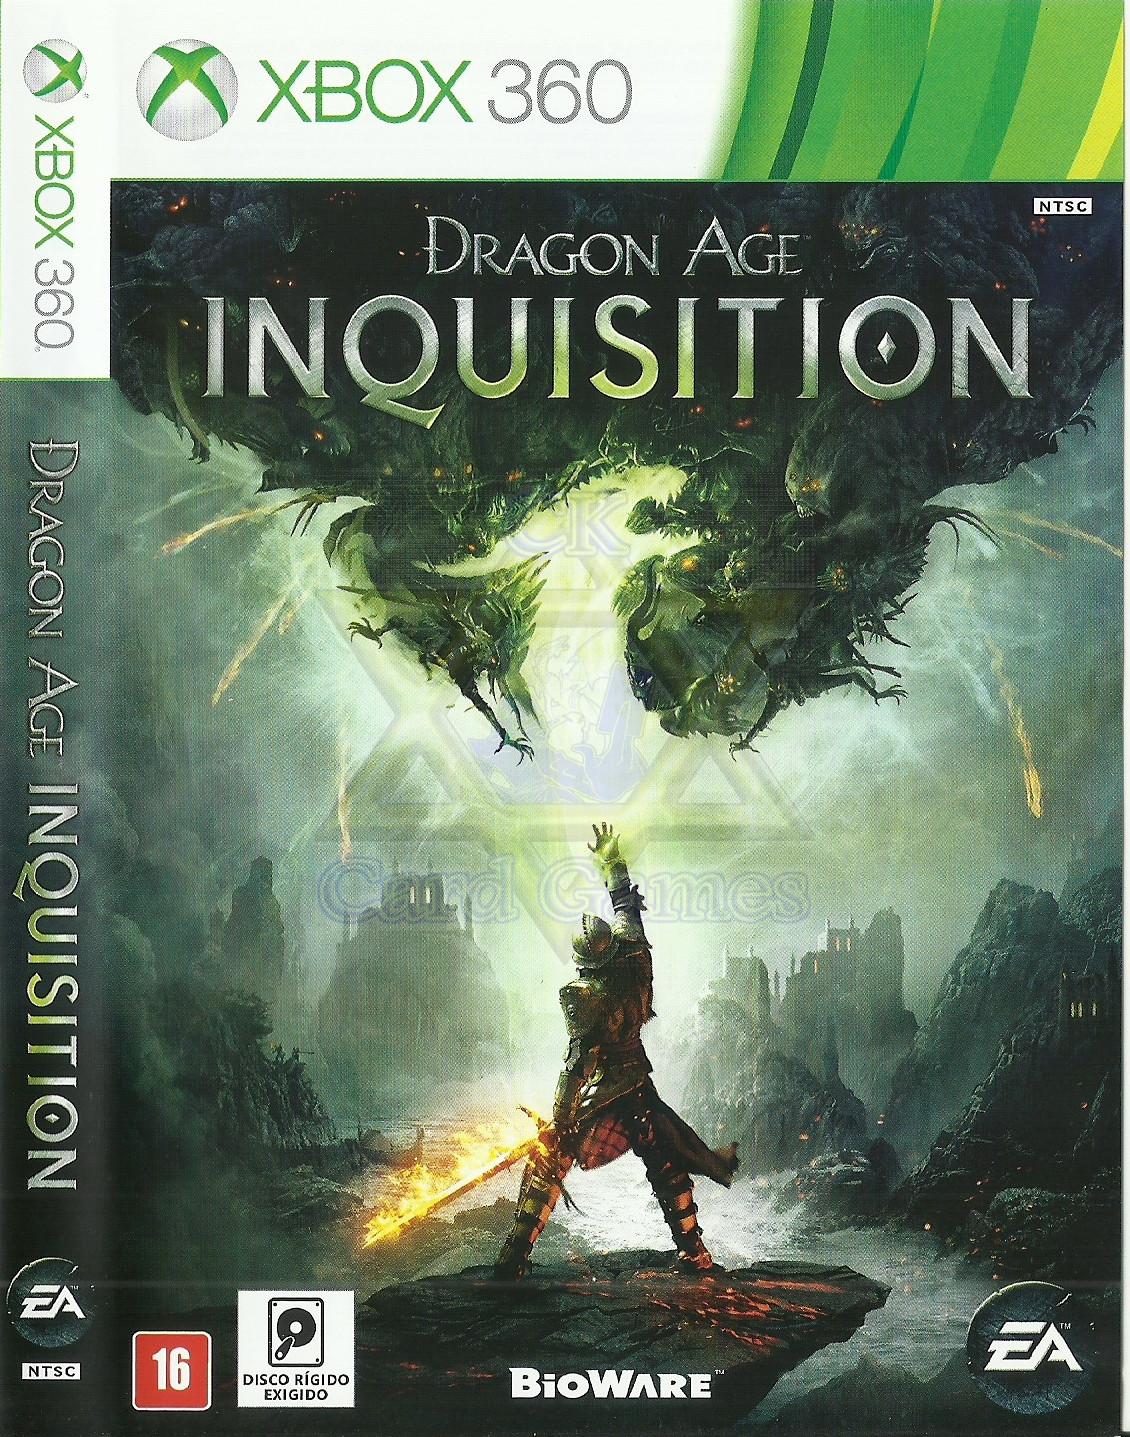 Dragon Age: Inquisition - Jogo - Xbox 360 (Seminovo)